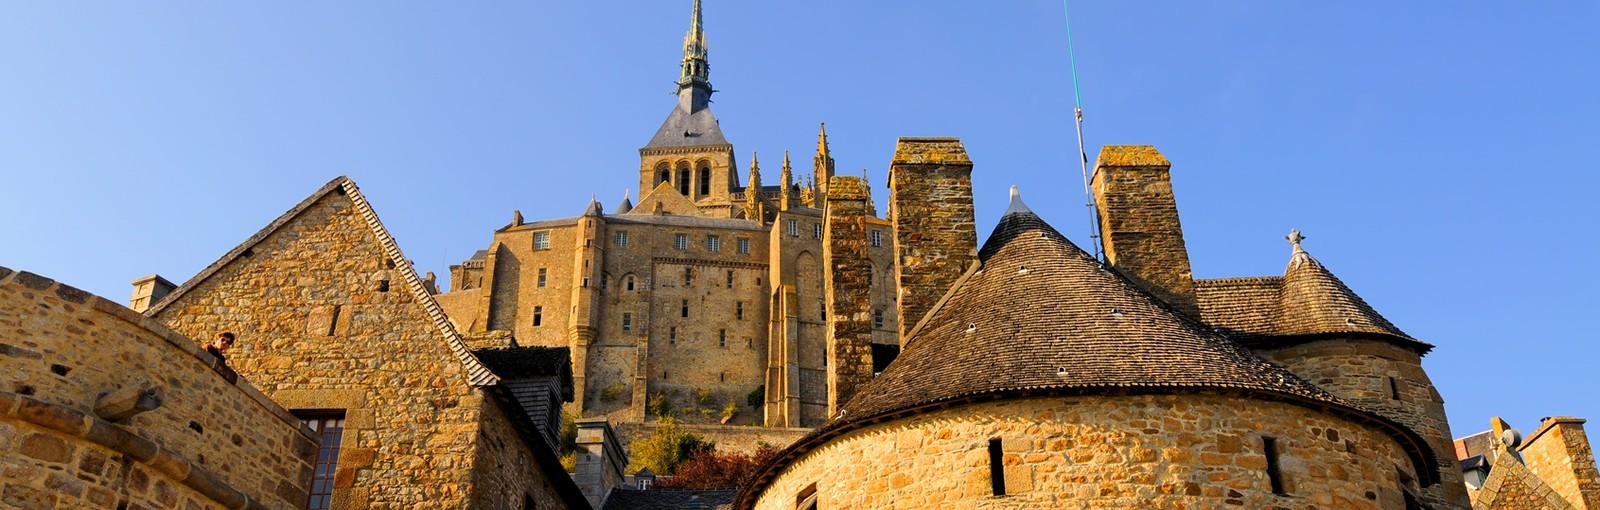 The Mont-Saint-Michel